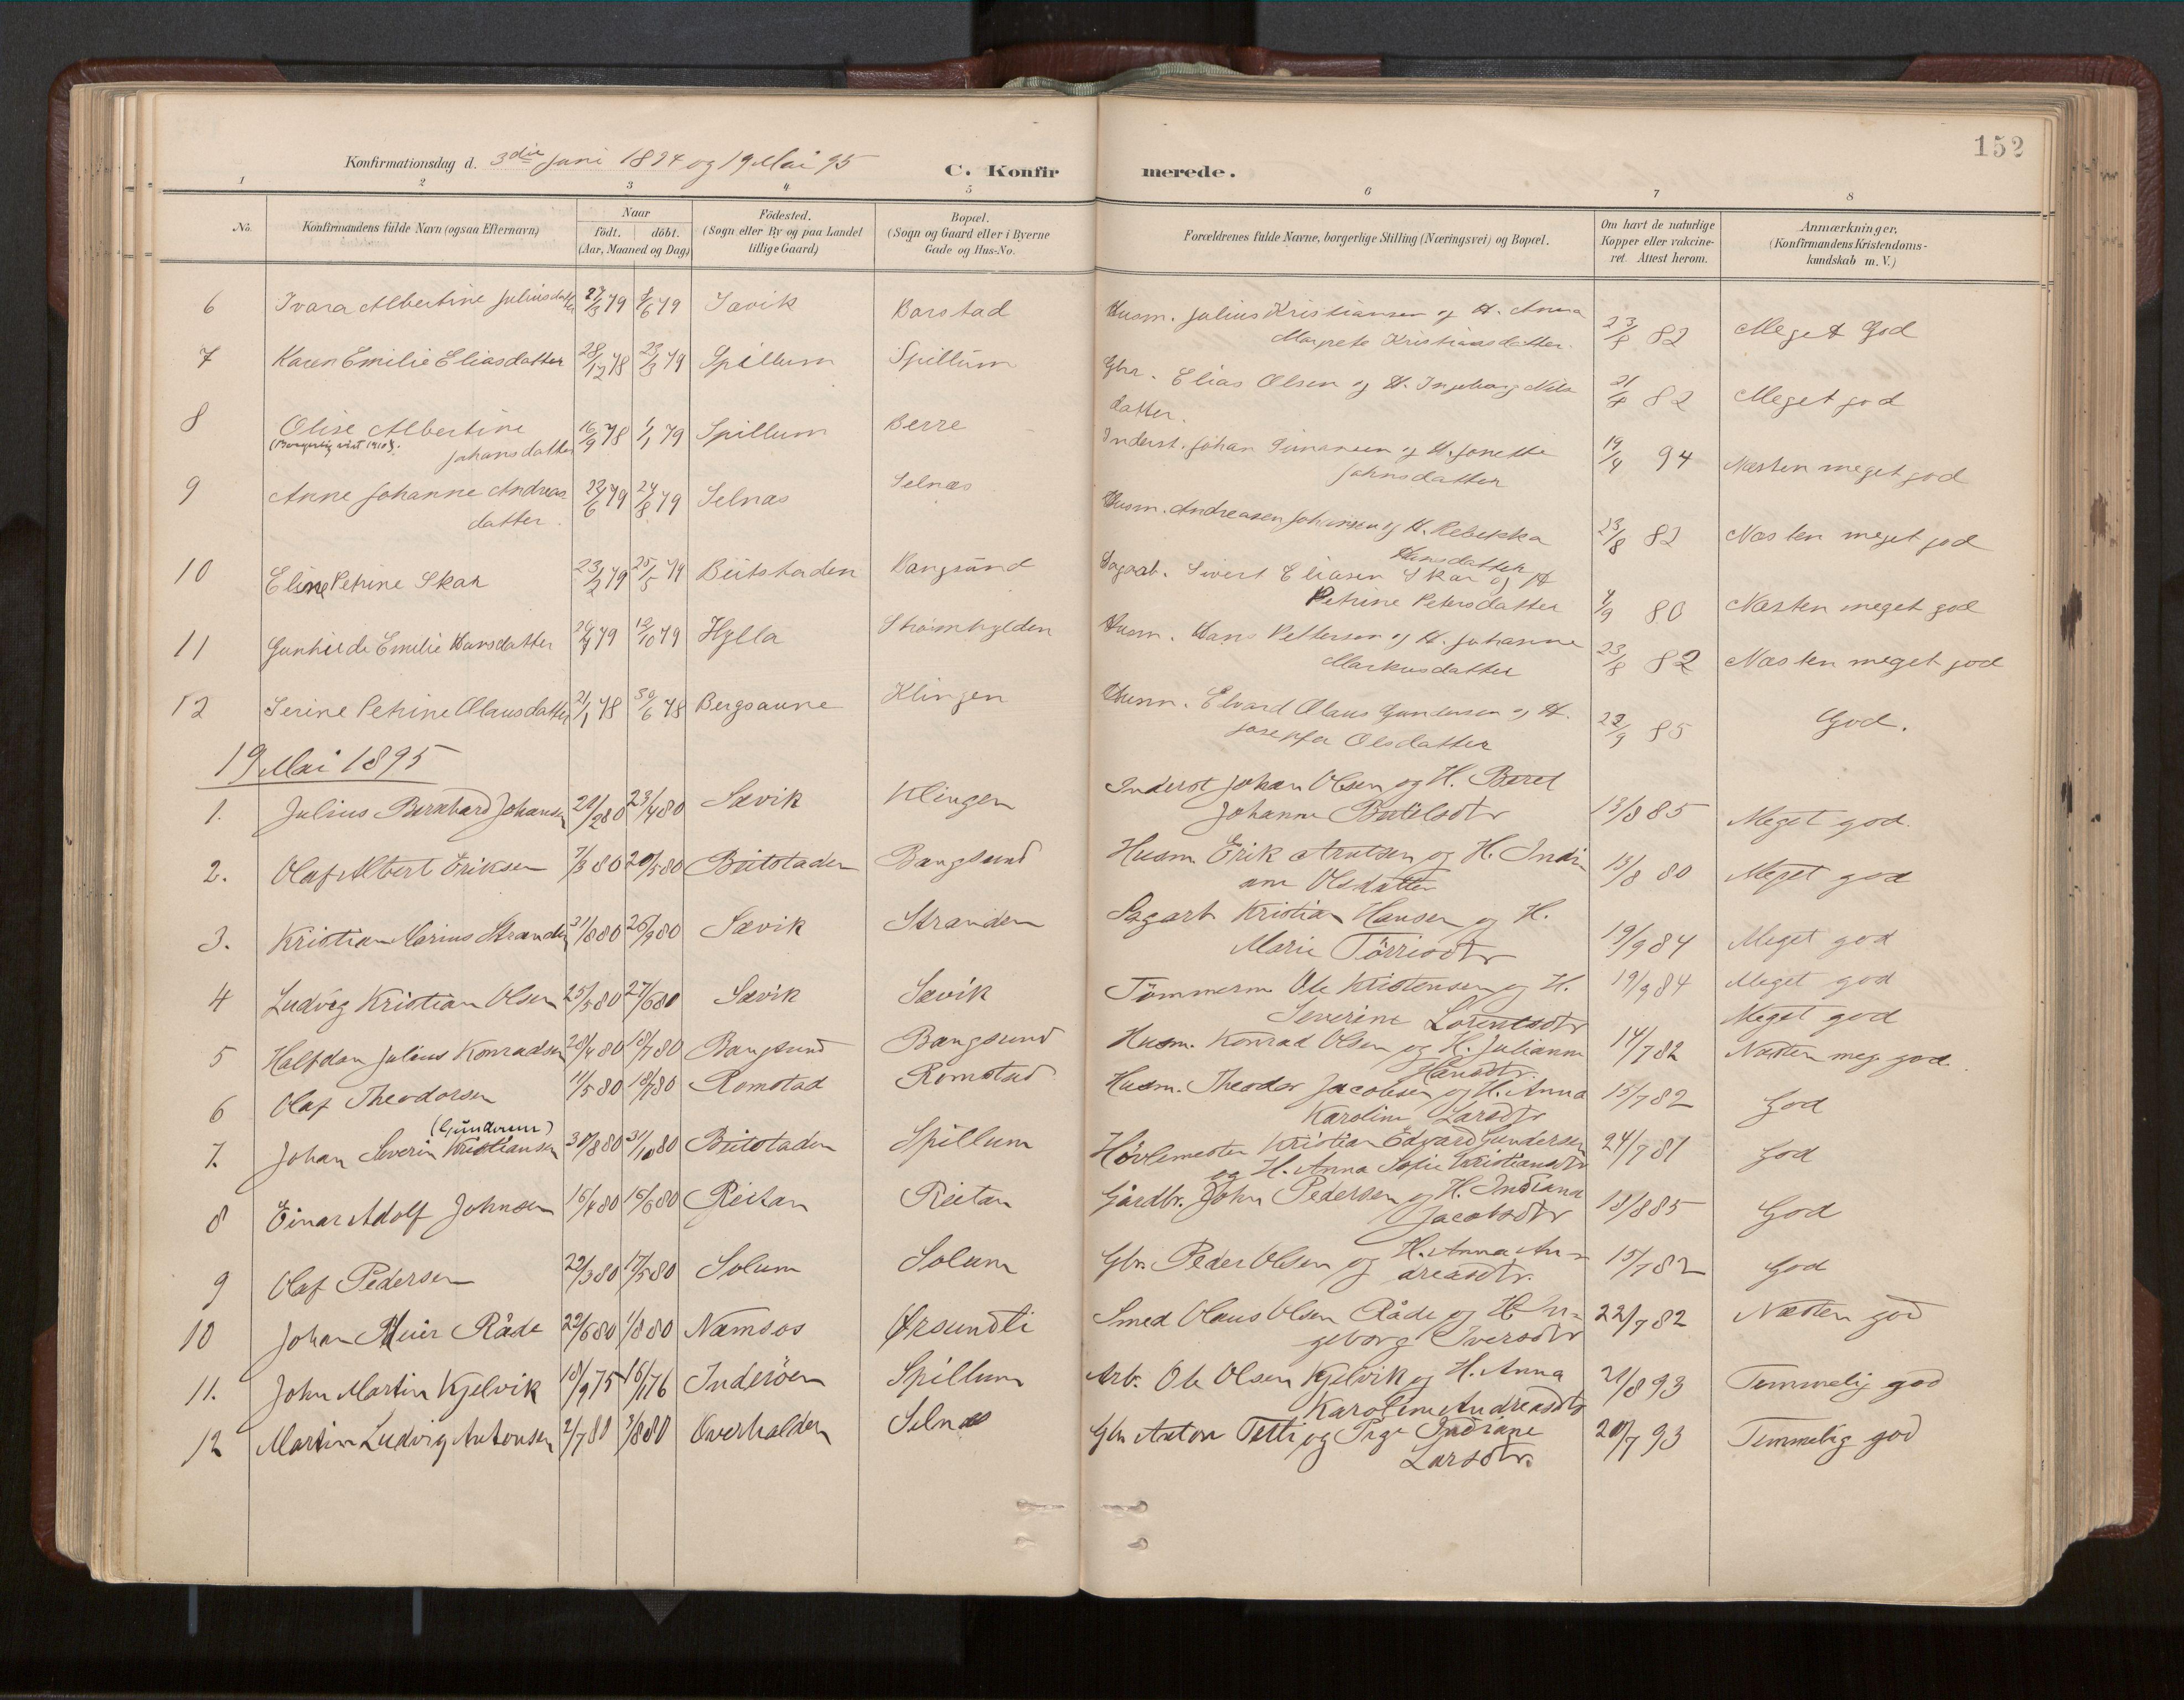 SAT, Ministerialprotokoller, klokkerbøker og fødselsregistre - Nord-Trøndelag, 770/L0589: Ministerialbok nr. 770A03, 1887-1929, s. 152